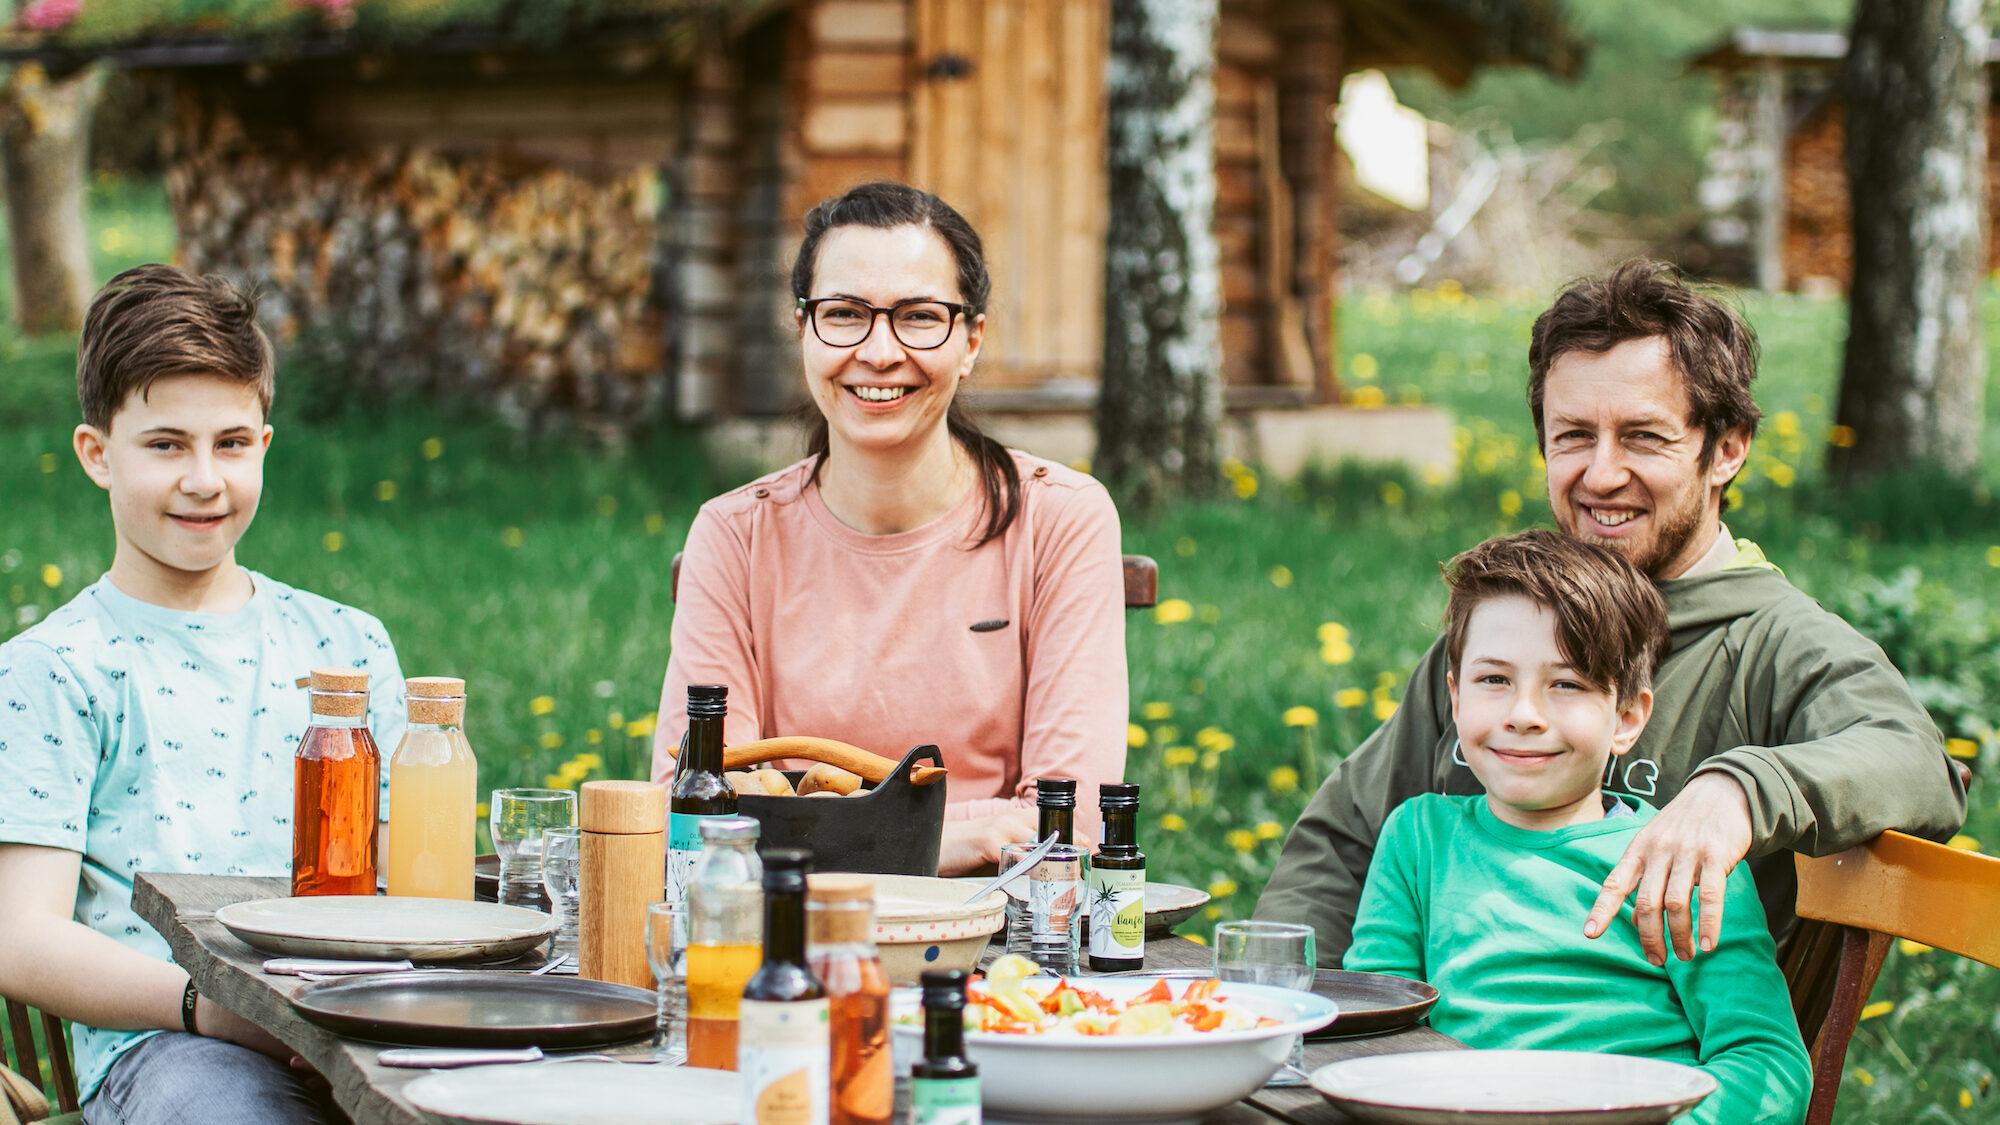 Familie Braun am Tisch